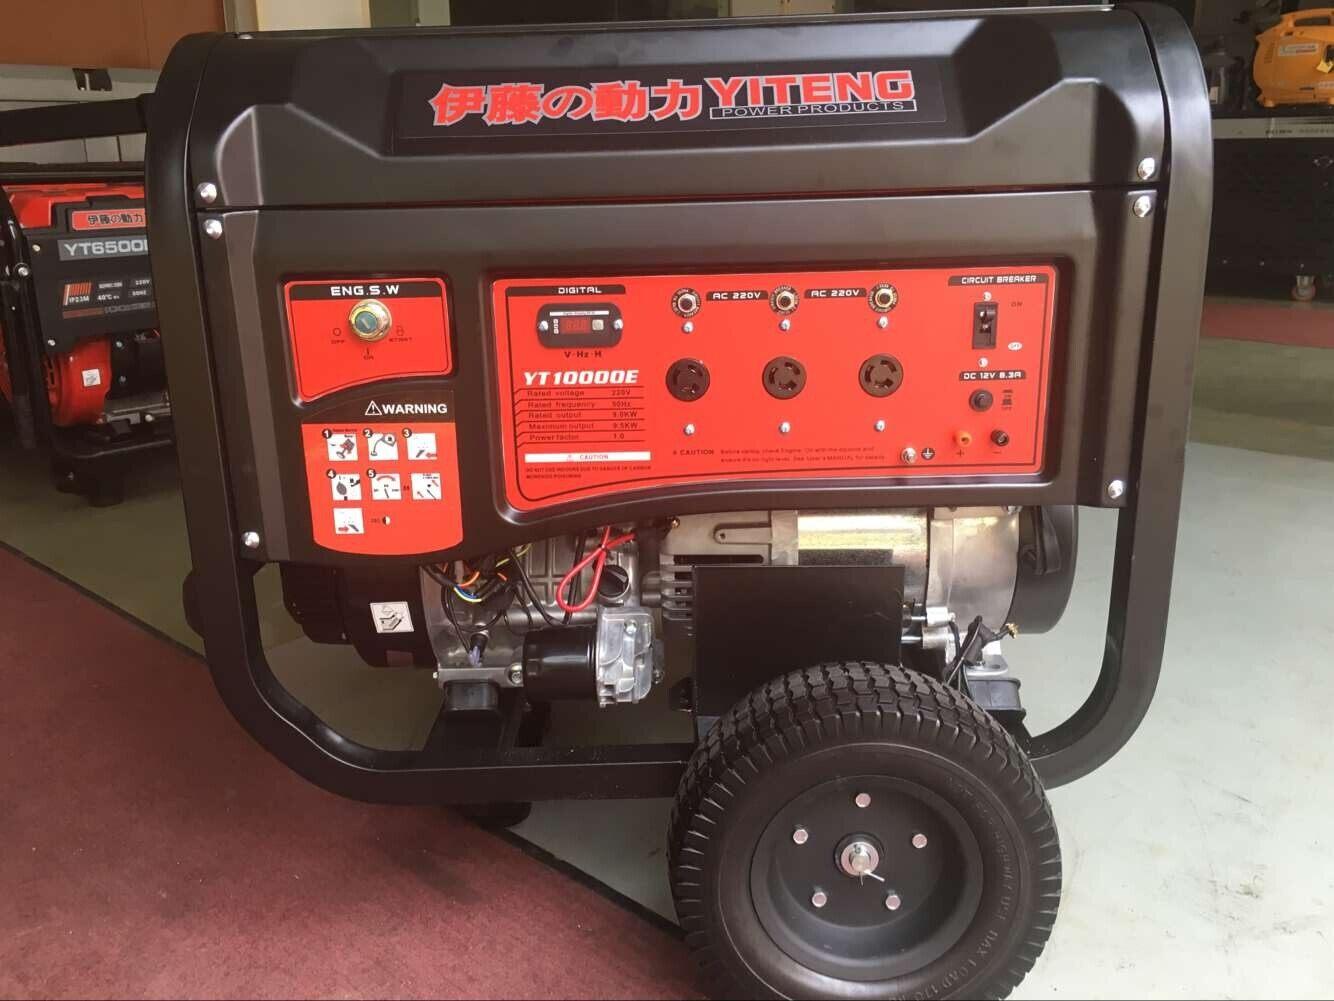 后级电路之间的电压,提高了数码发电机系统的可用性